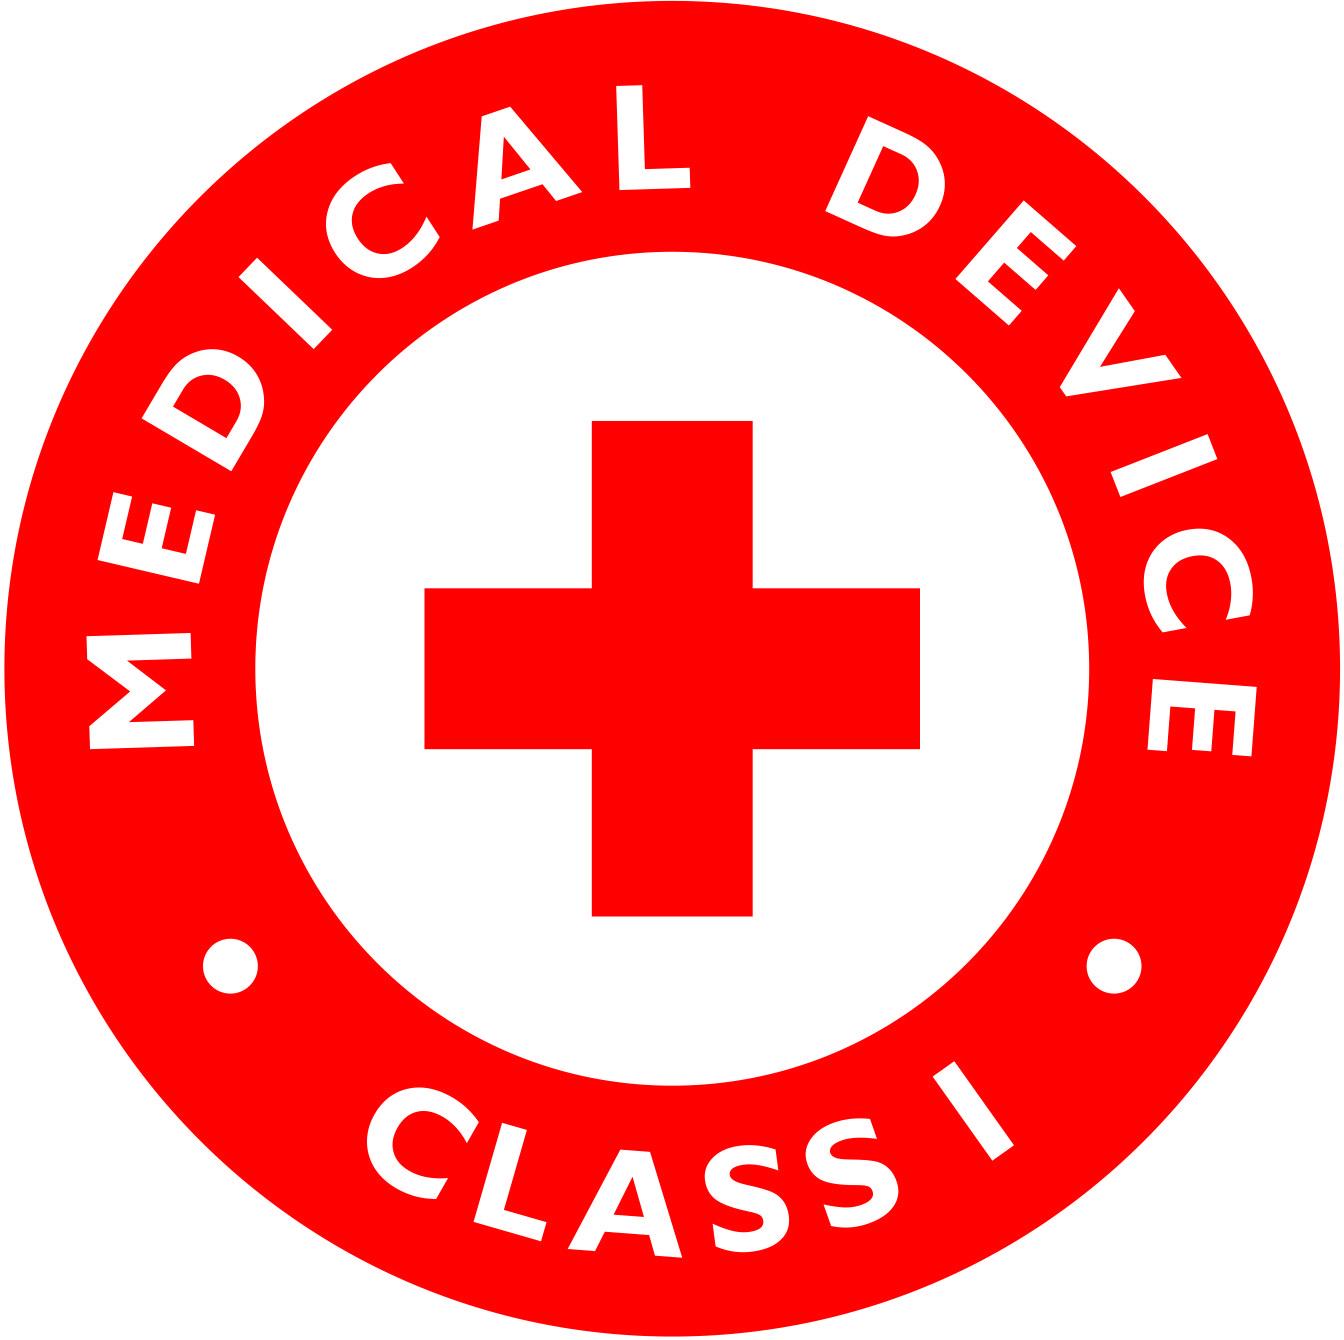 !!!!!HEAD_CARE_poduszki-ortopedyczne-wyrob-medyczny